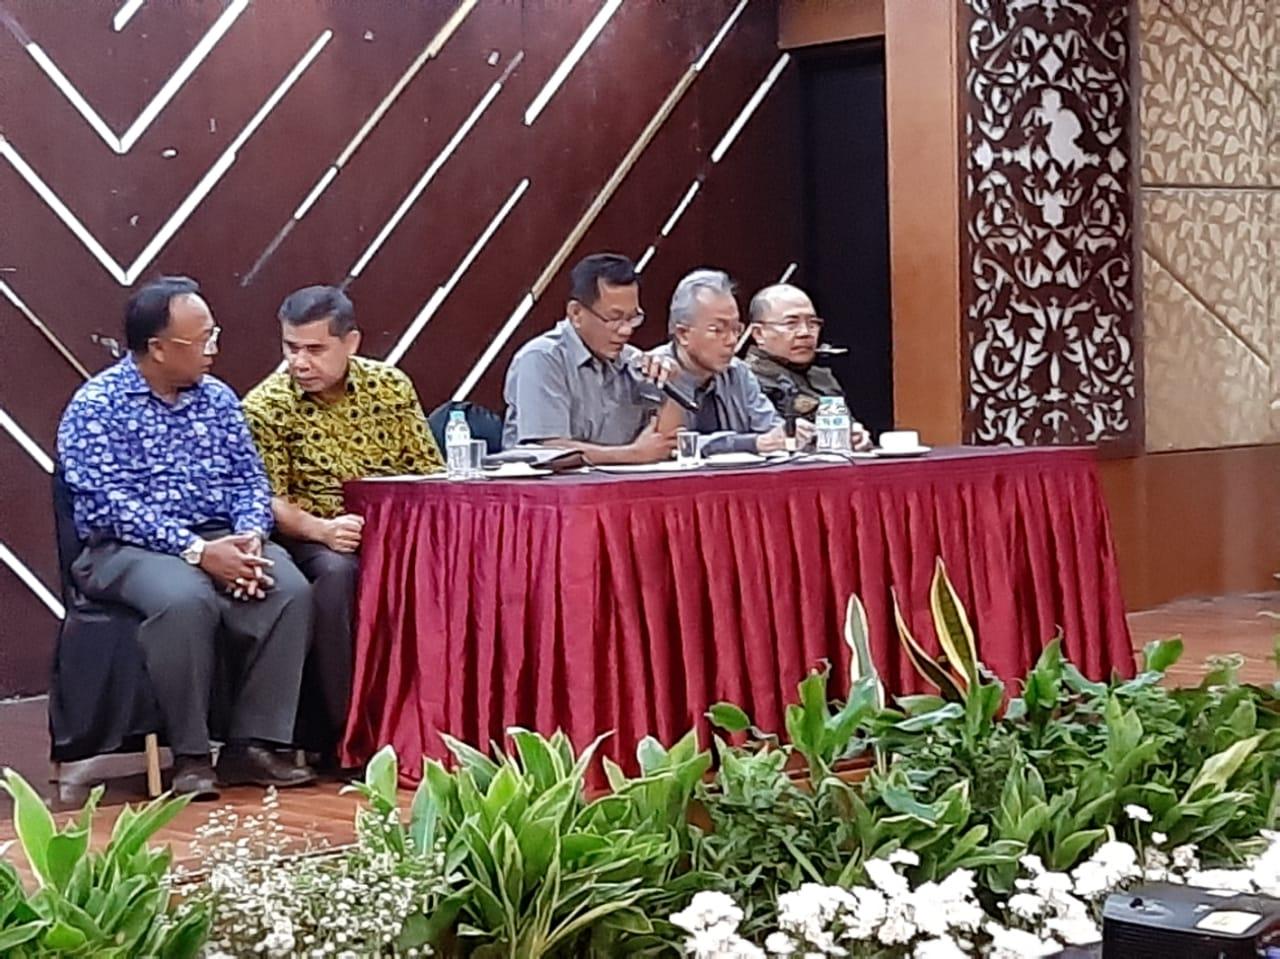 Tindak Lanjut Hasil Rekomendasi Evaluasi Reformasi Birokrasi